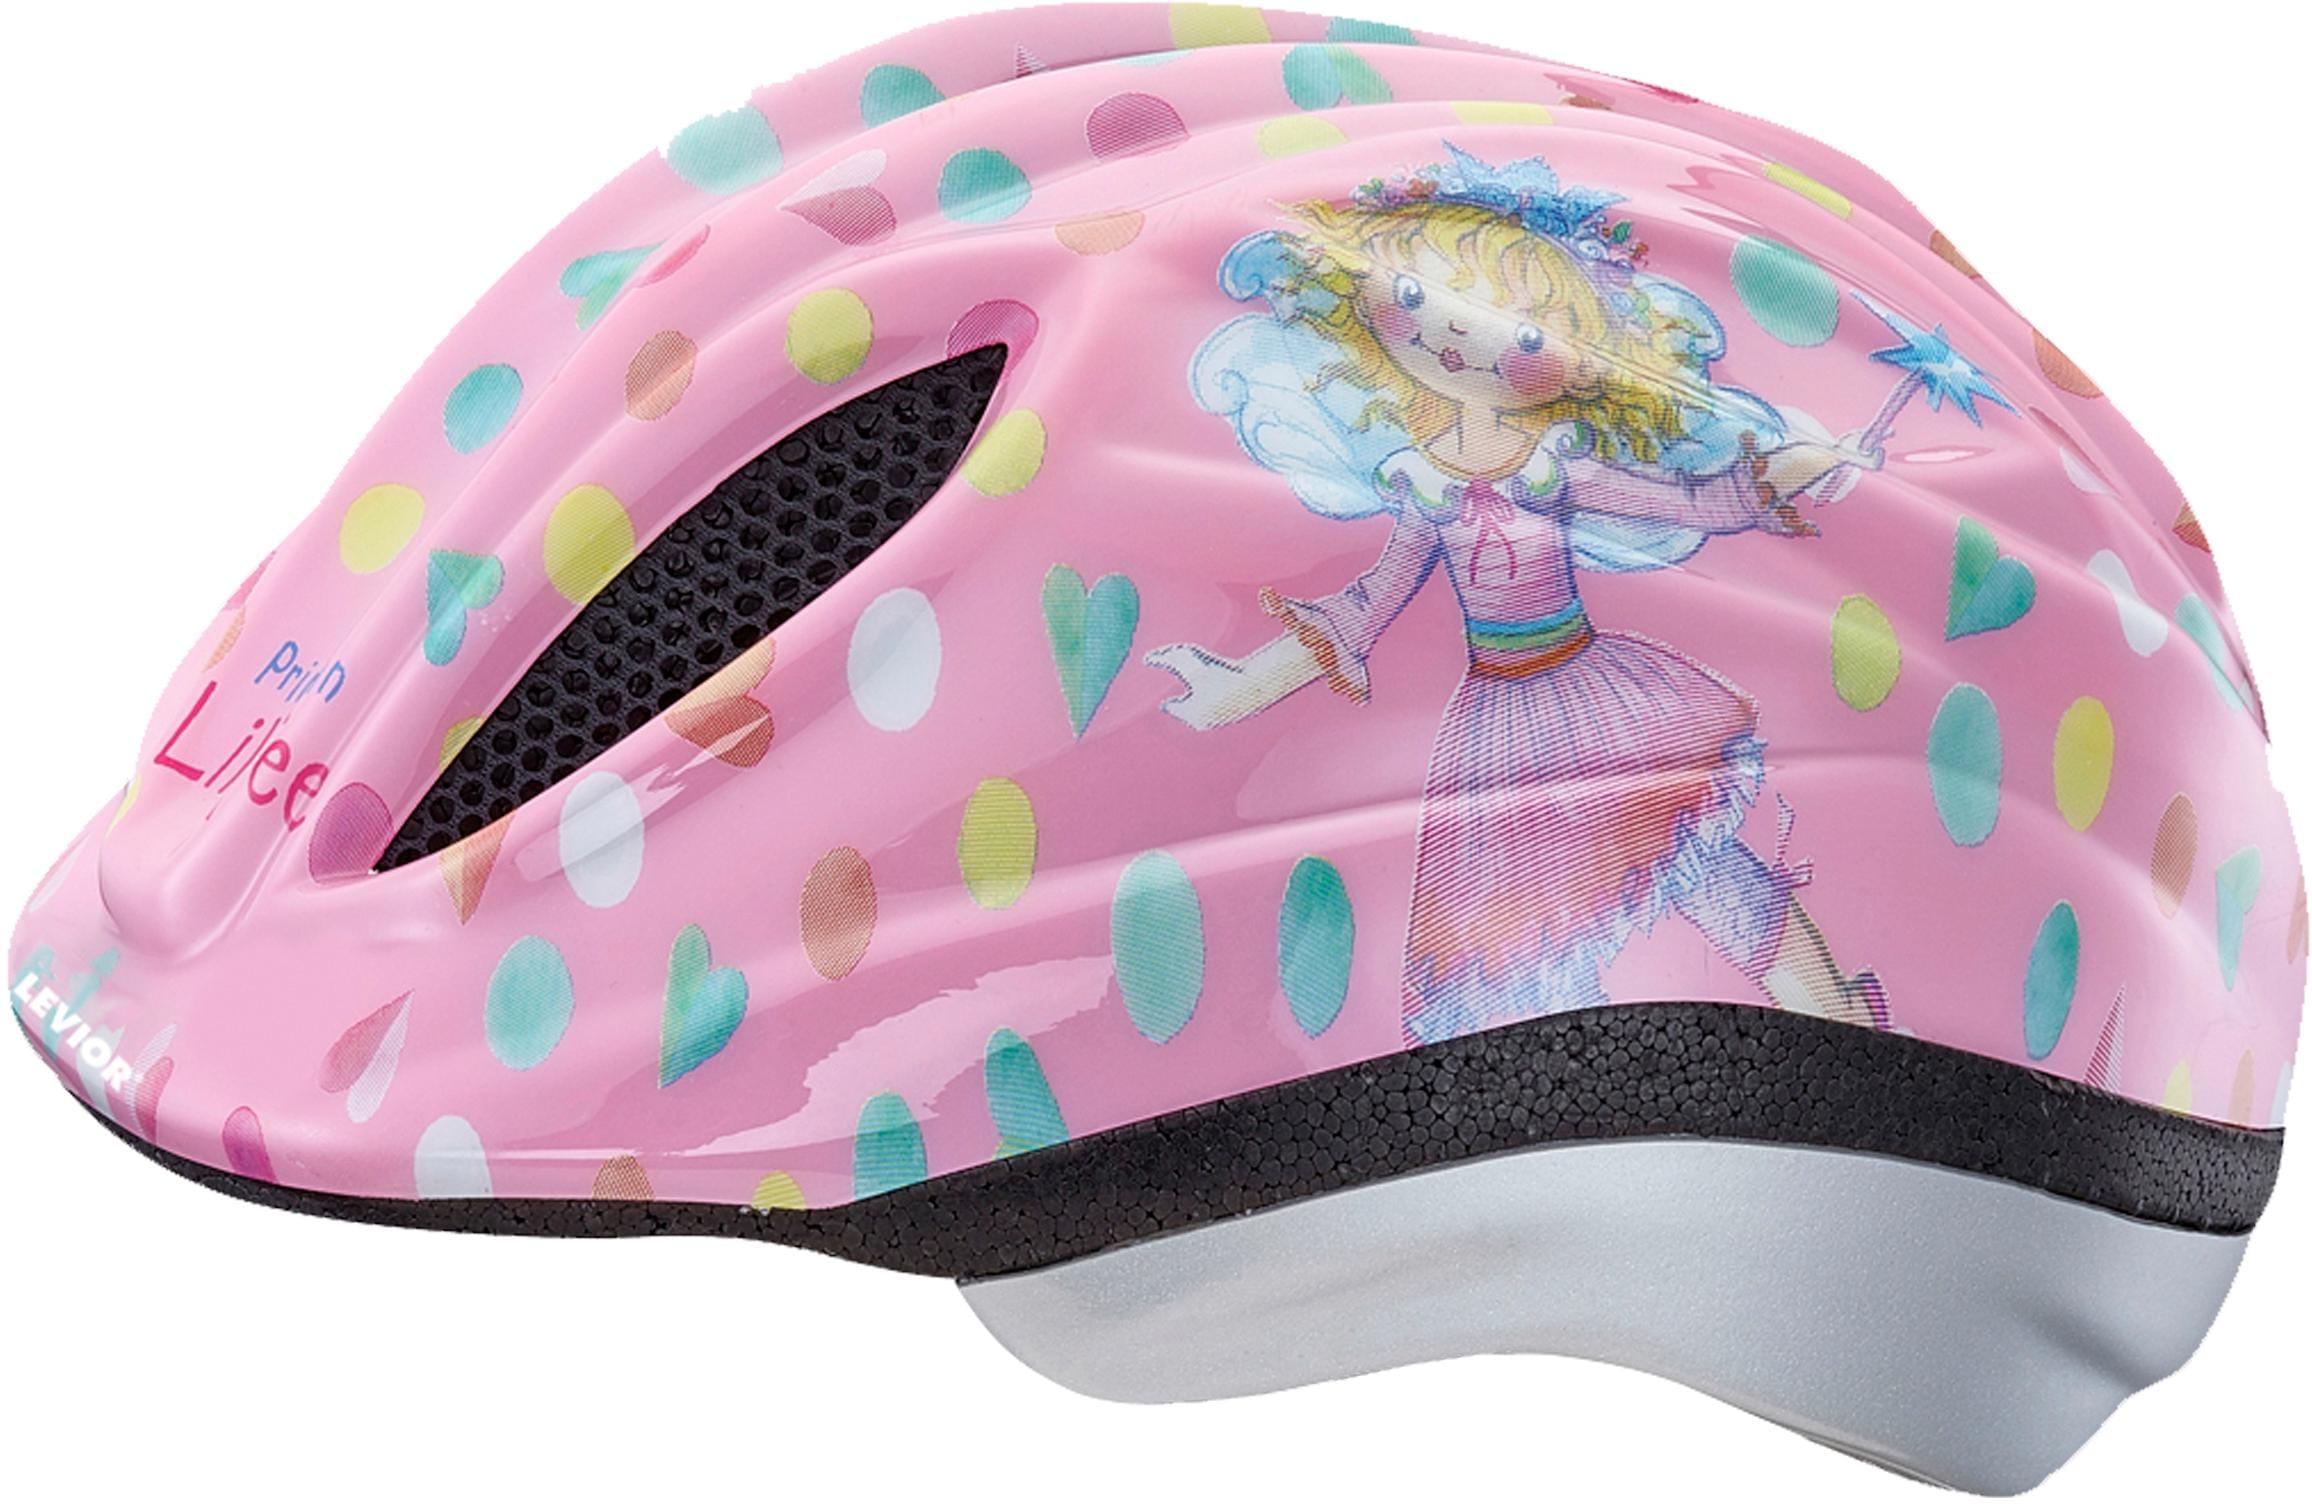 Levior Kinderfahrradhelm Lillifee rosa Damen Rad-Ausrüstung Radsport Sportarten Helm